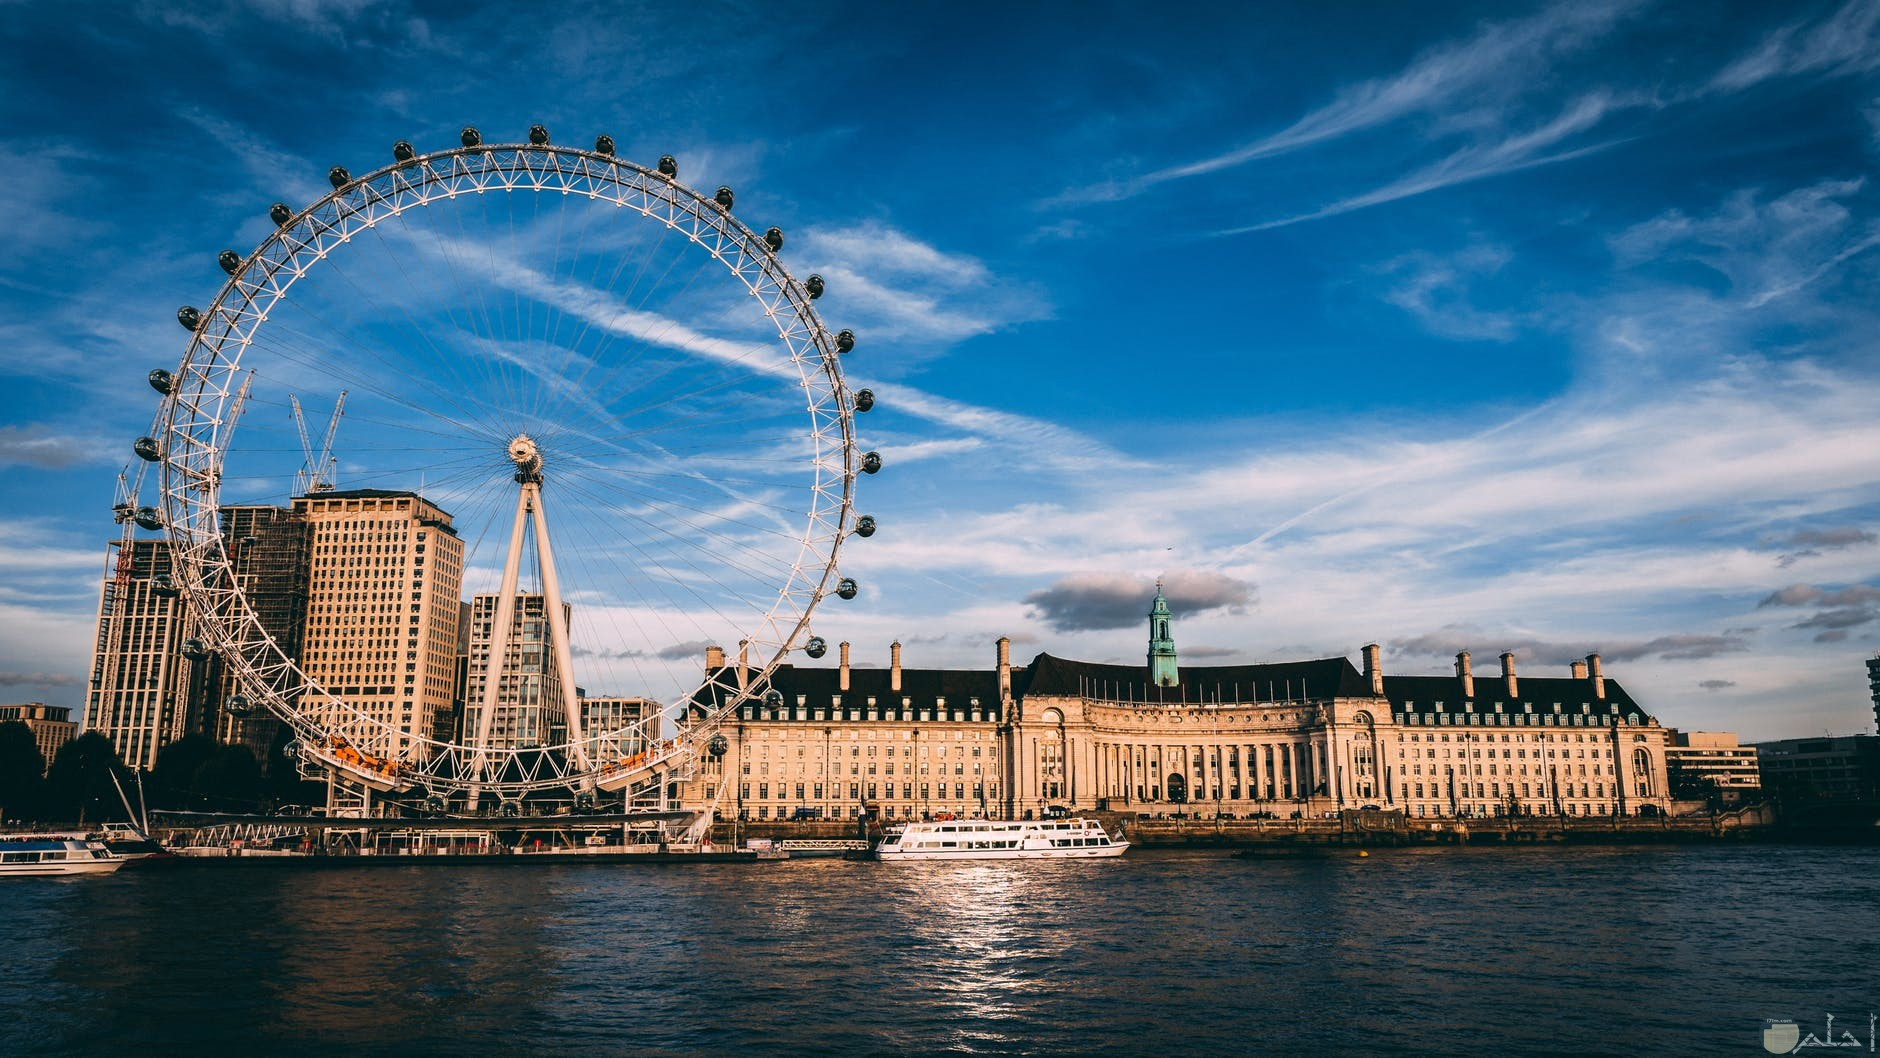 اشهر معالم سياحية في لندن